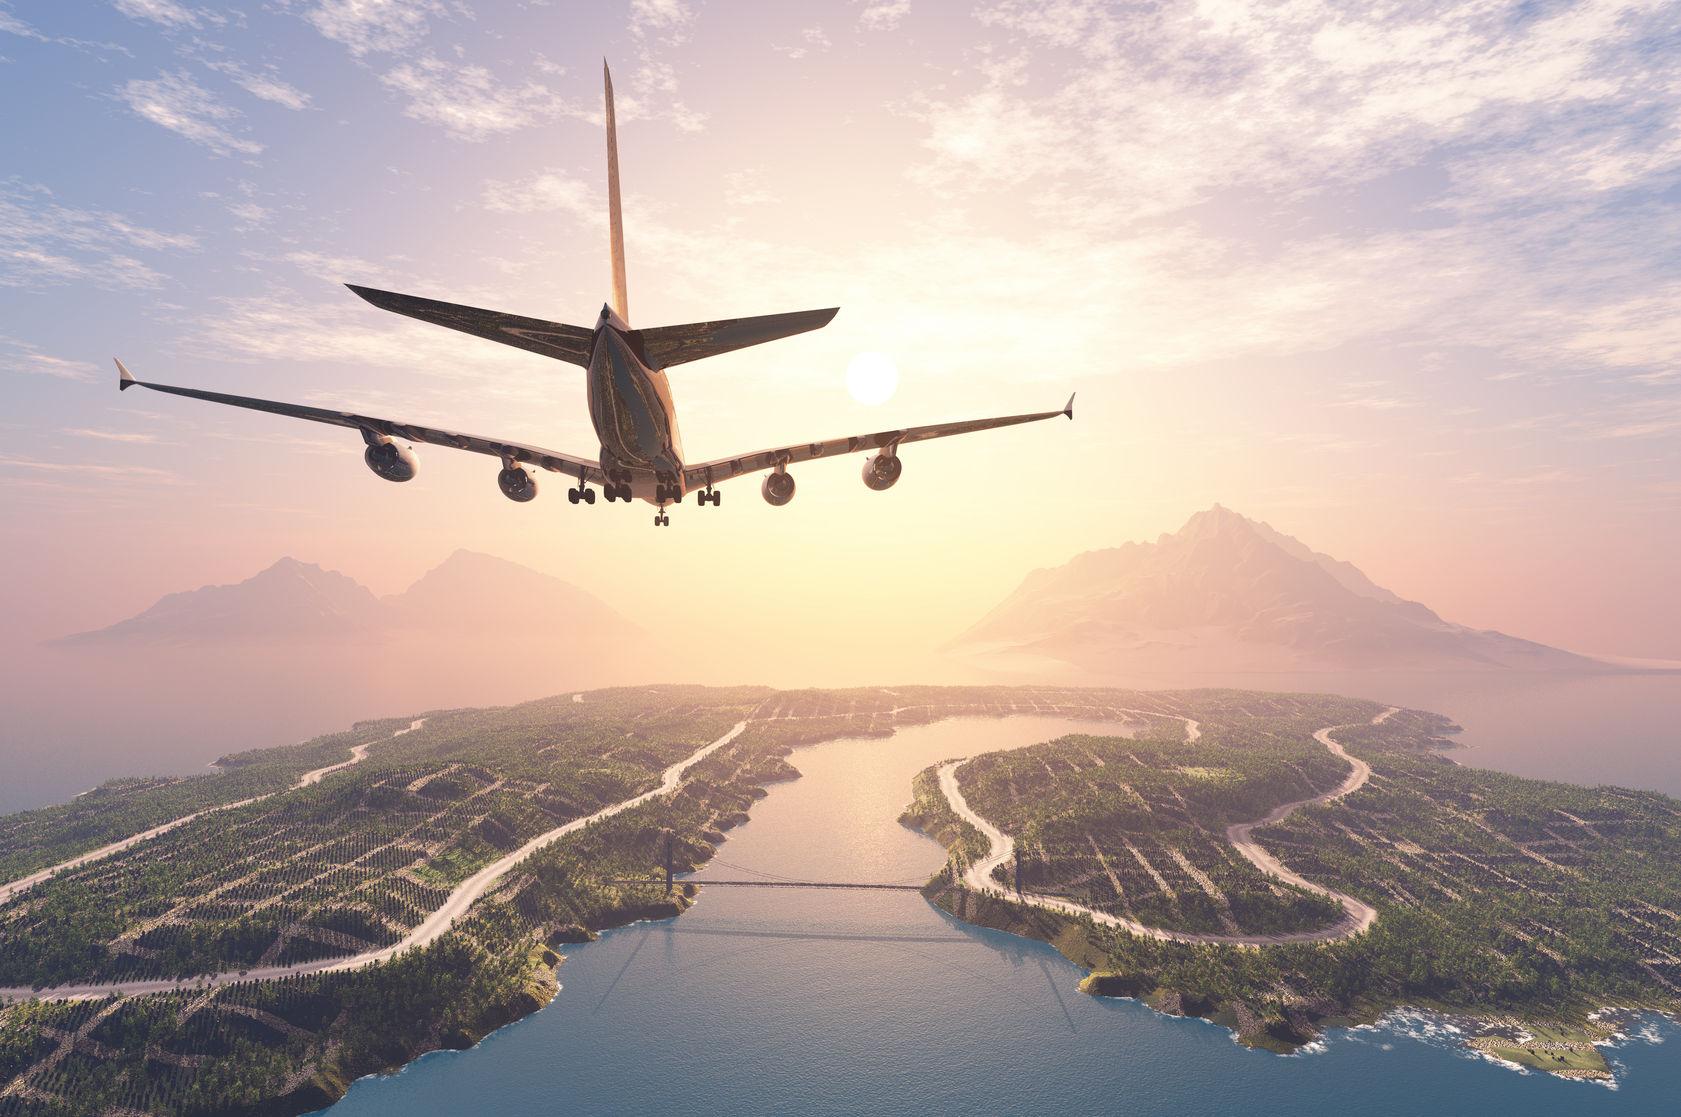 Flugzeug liefert per Luftpost aus